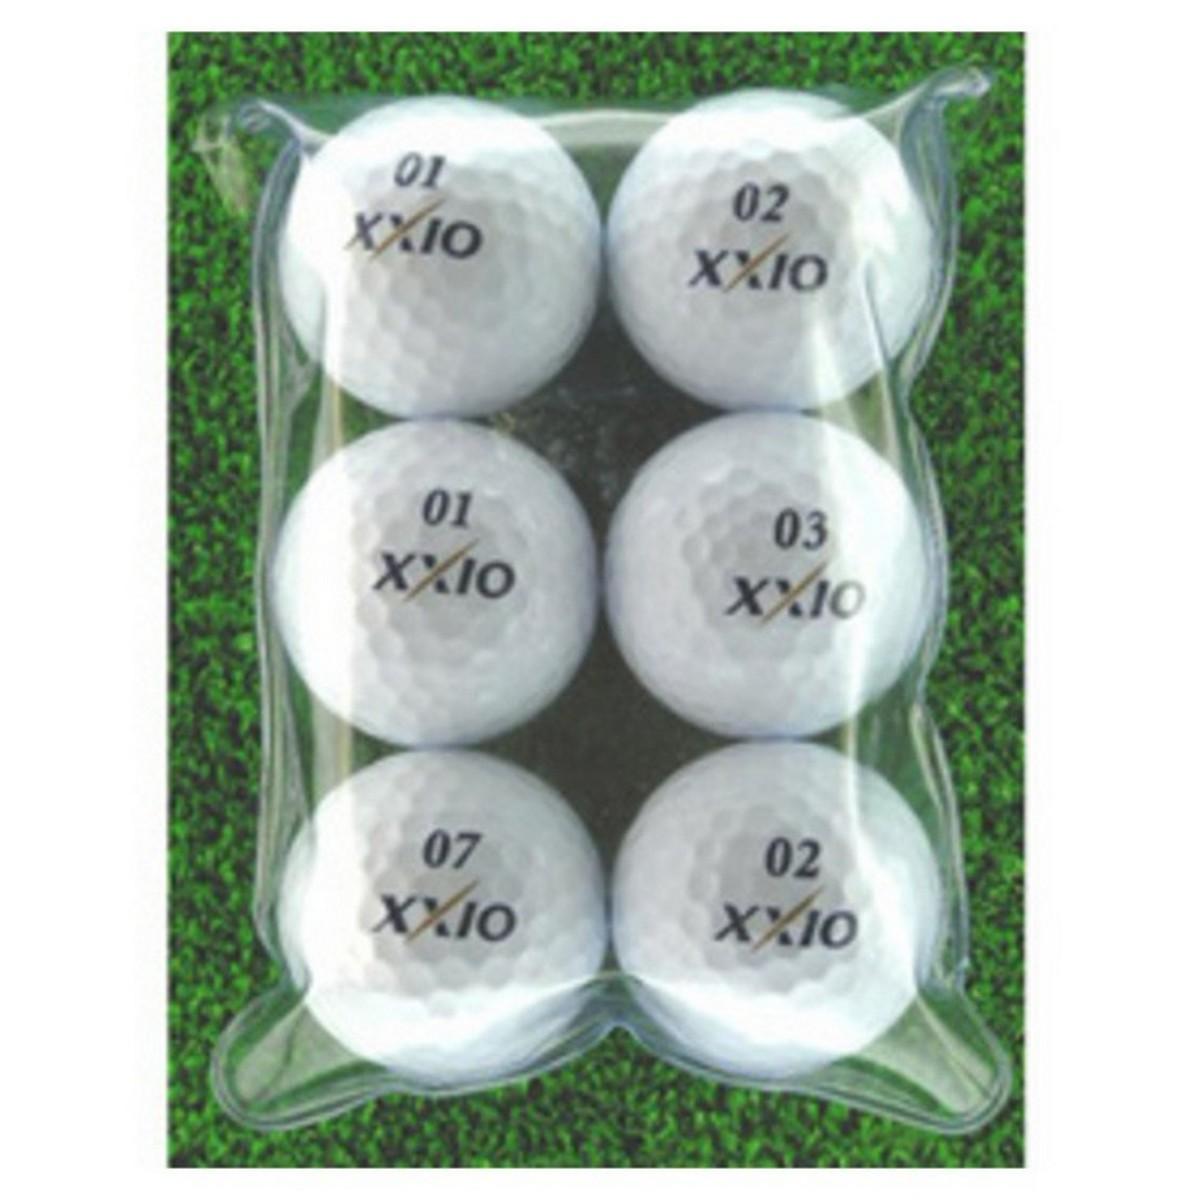 メイホウゴルフ ロストボール ゼクシオXD 6個入り2パック12個セット